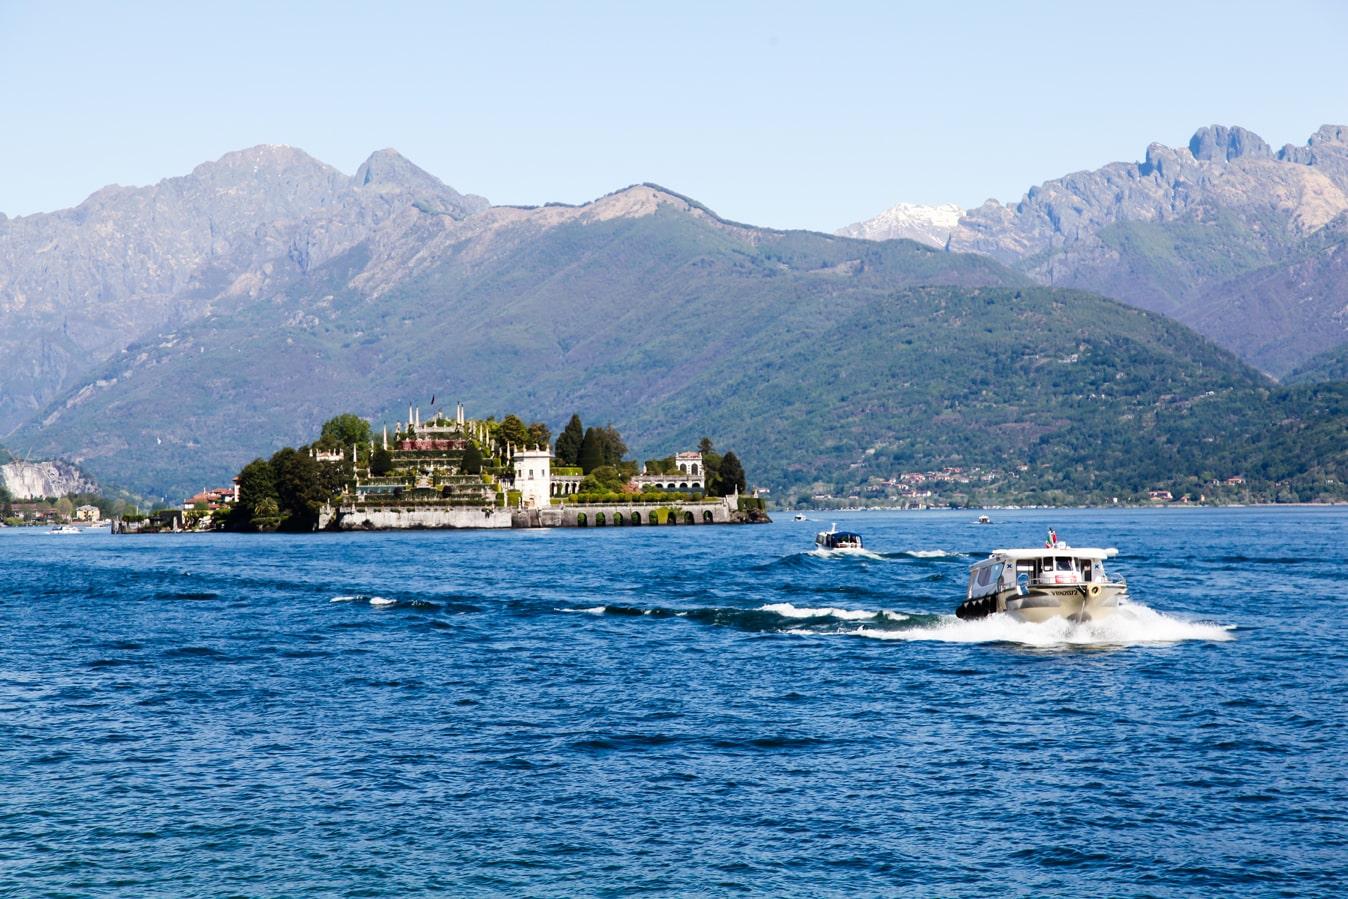 озеро Маджоре, архибелаг боромео, баромейские острова в Италии